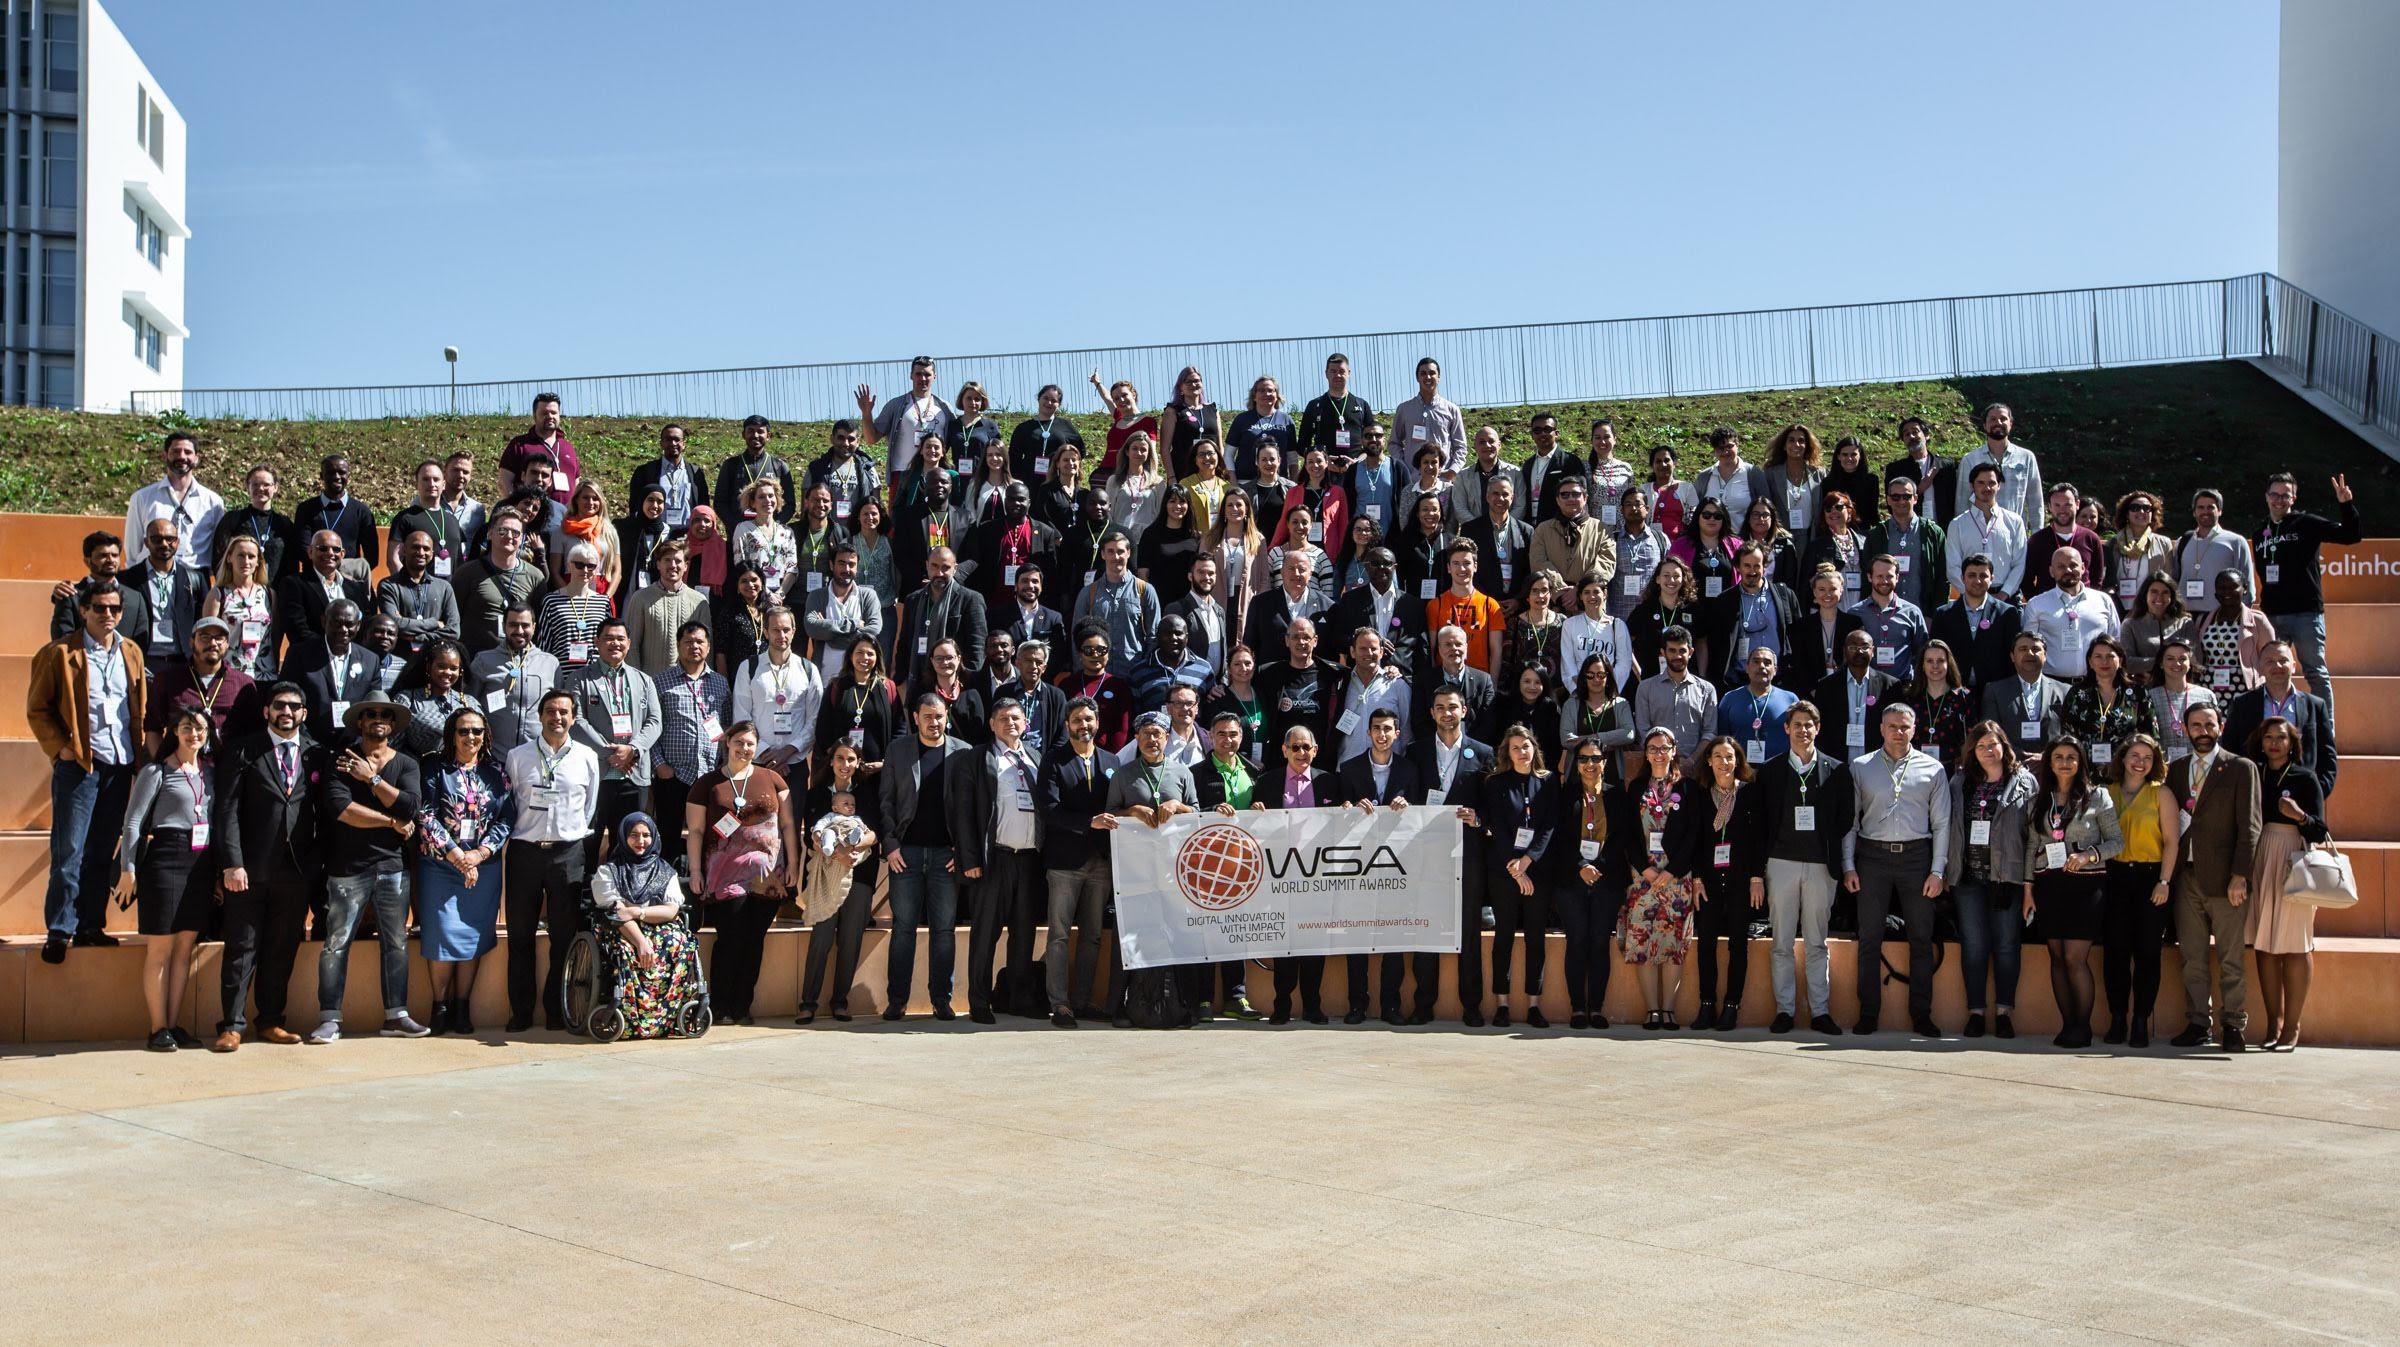 La innovación digital y su impacto social, un reto para el desarrollo sostenible